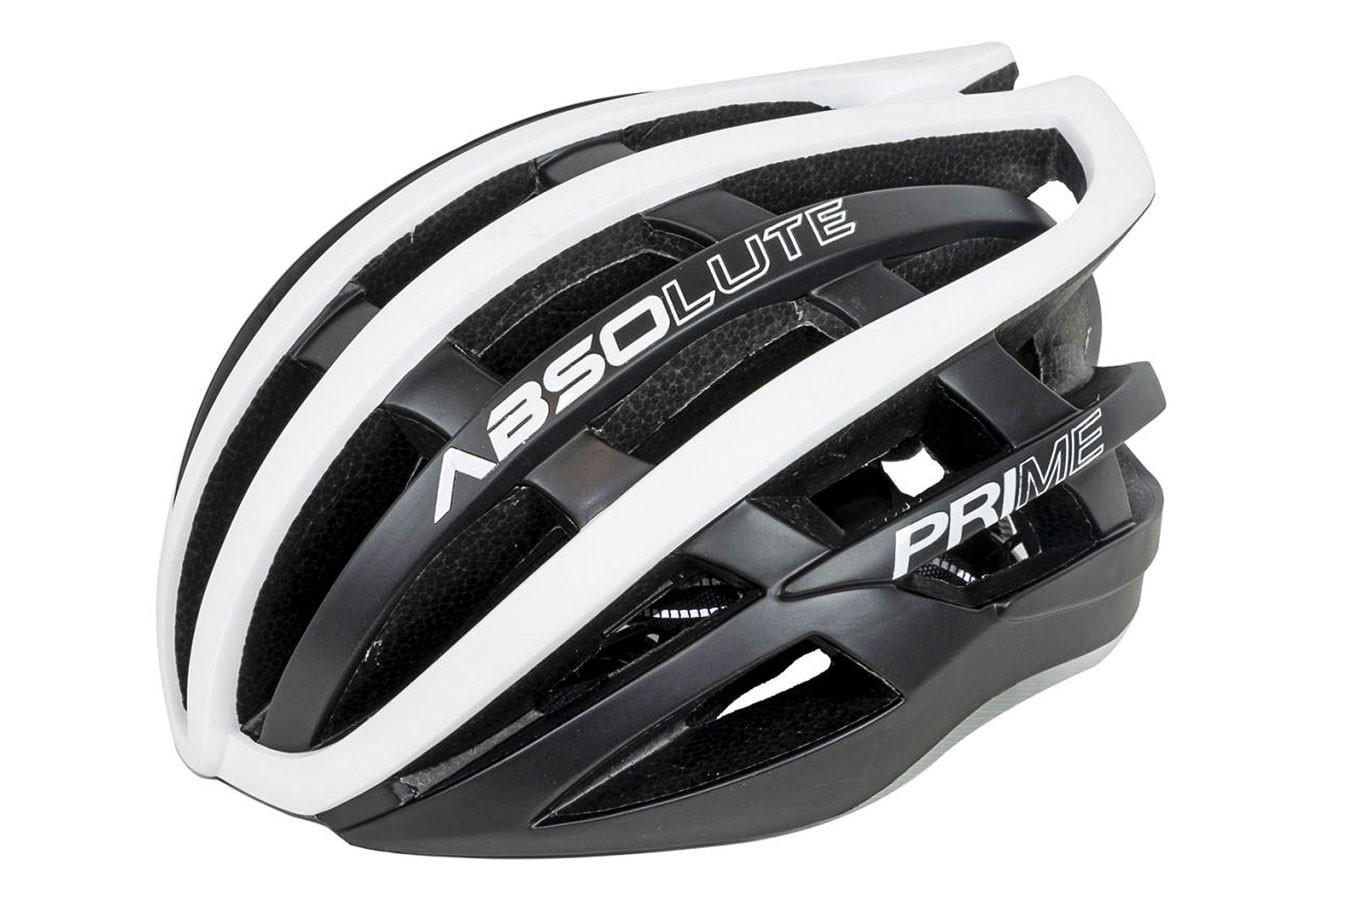 Capacete Ciclista Prime Preto com branco - Absolute